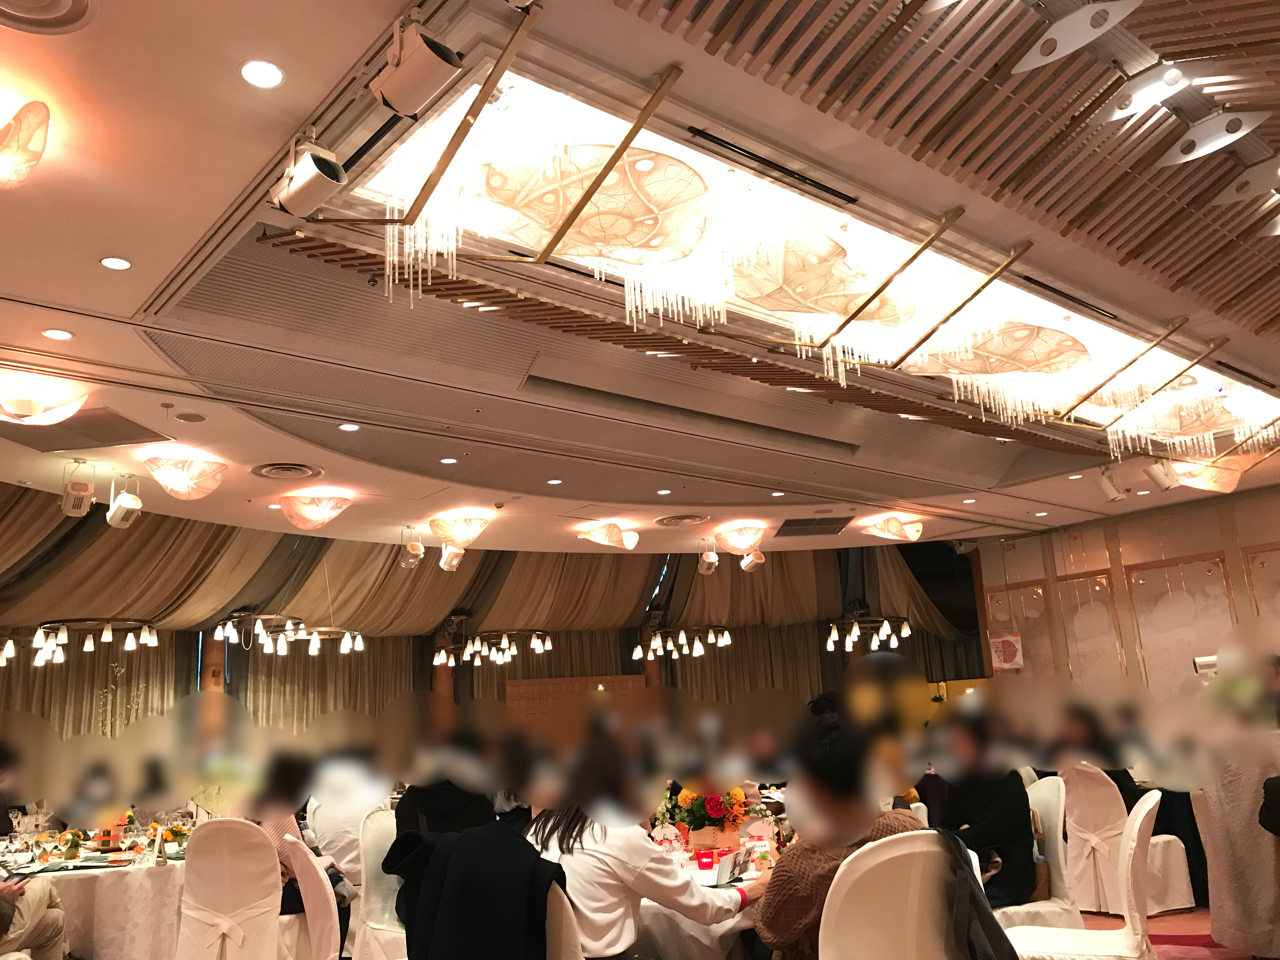 熱田神宮の大結婚展での模擬披露宴の様子。